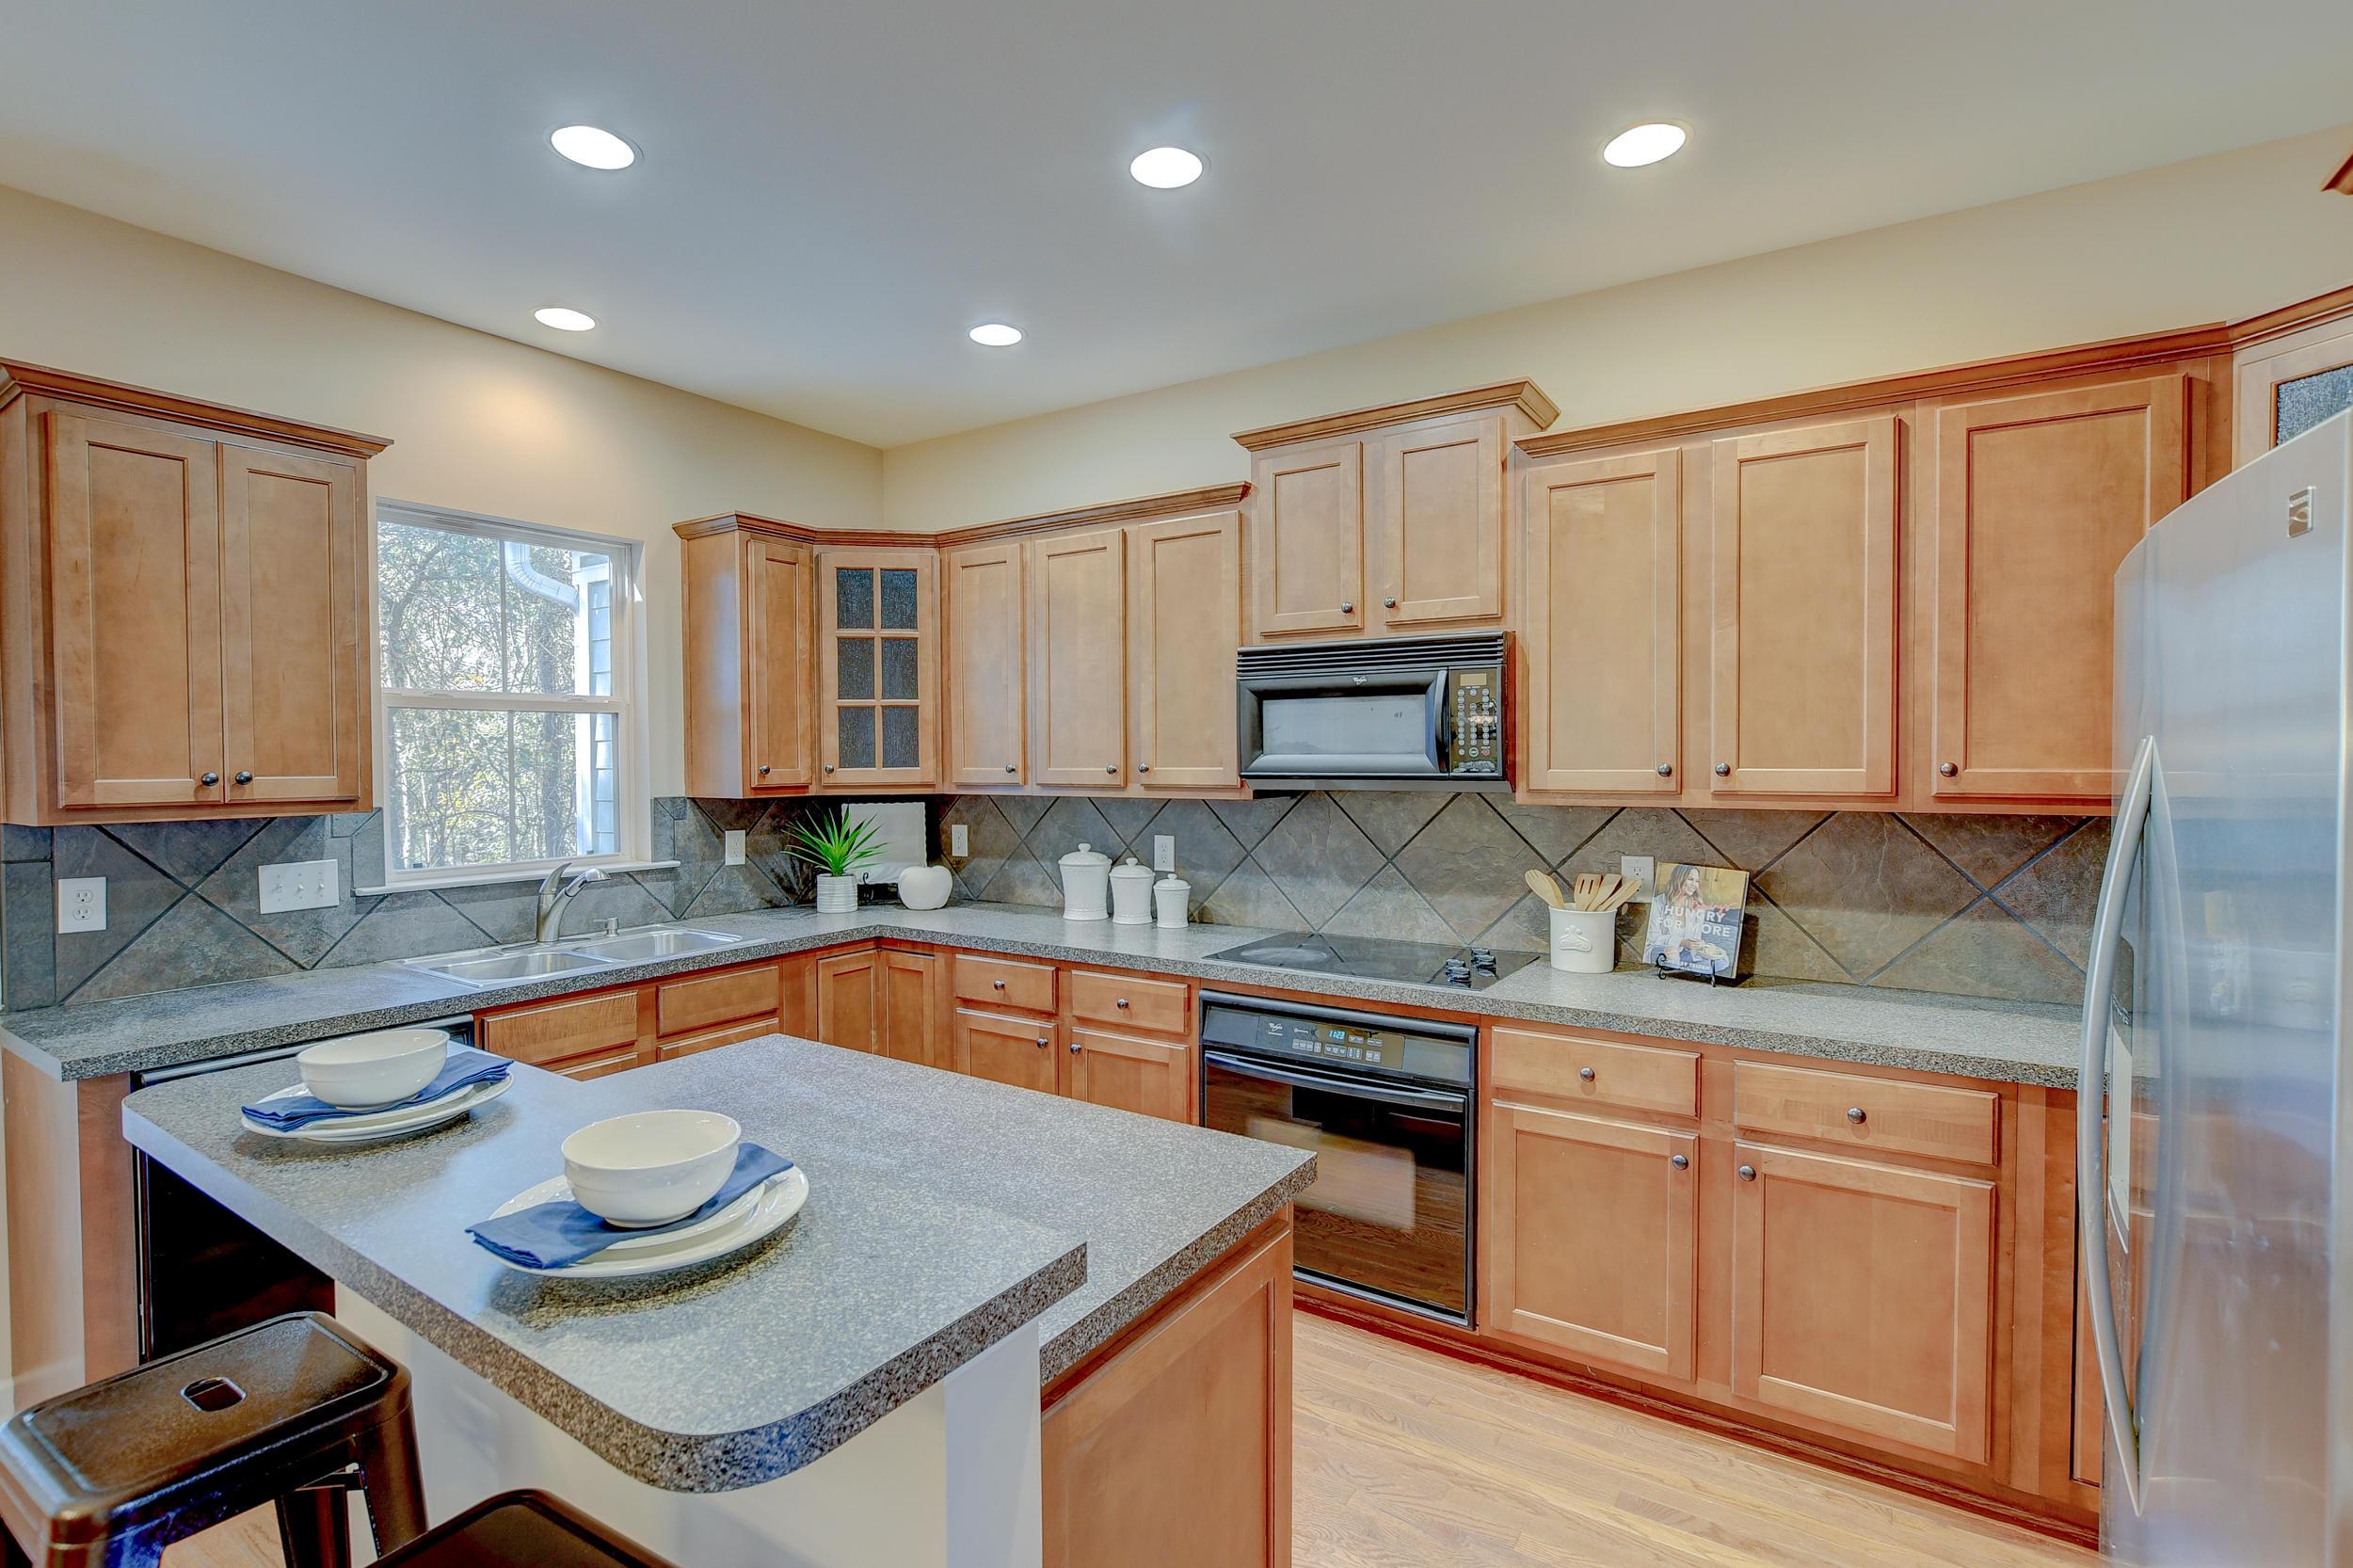 Dunes West Homes For Sale - 264 Fair Sailing, Mount Pleasant, SC - 9